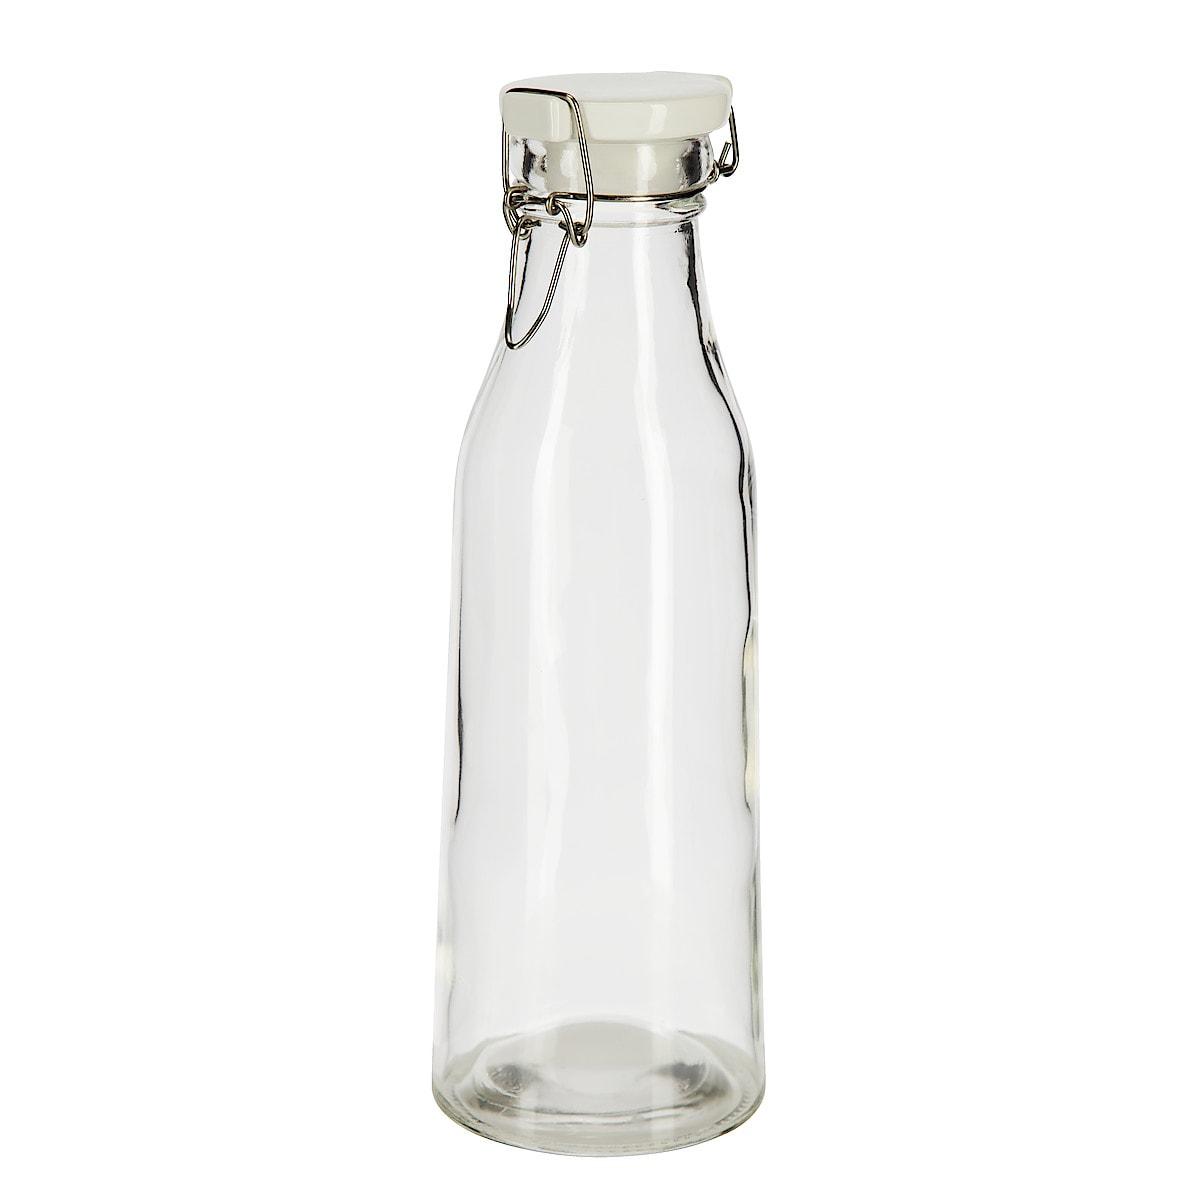 Glasflaska med snäpplock